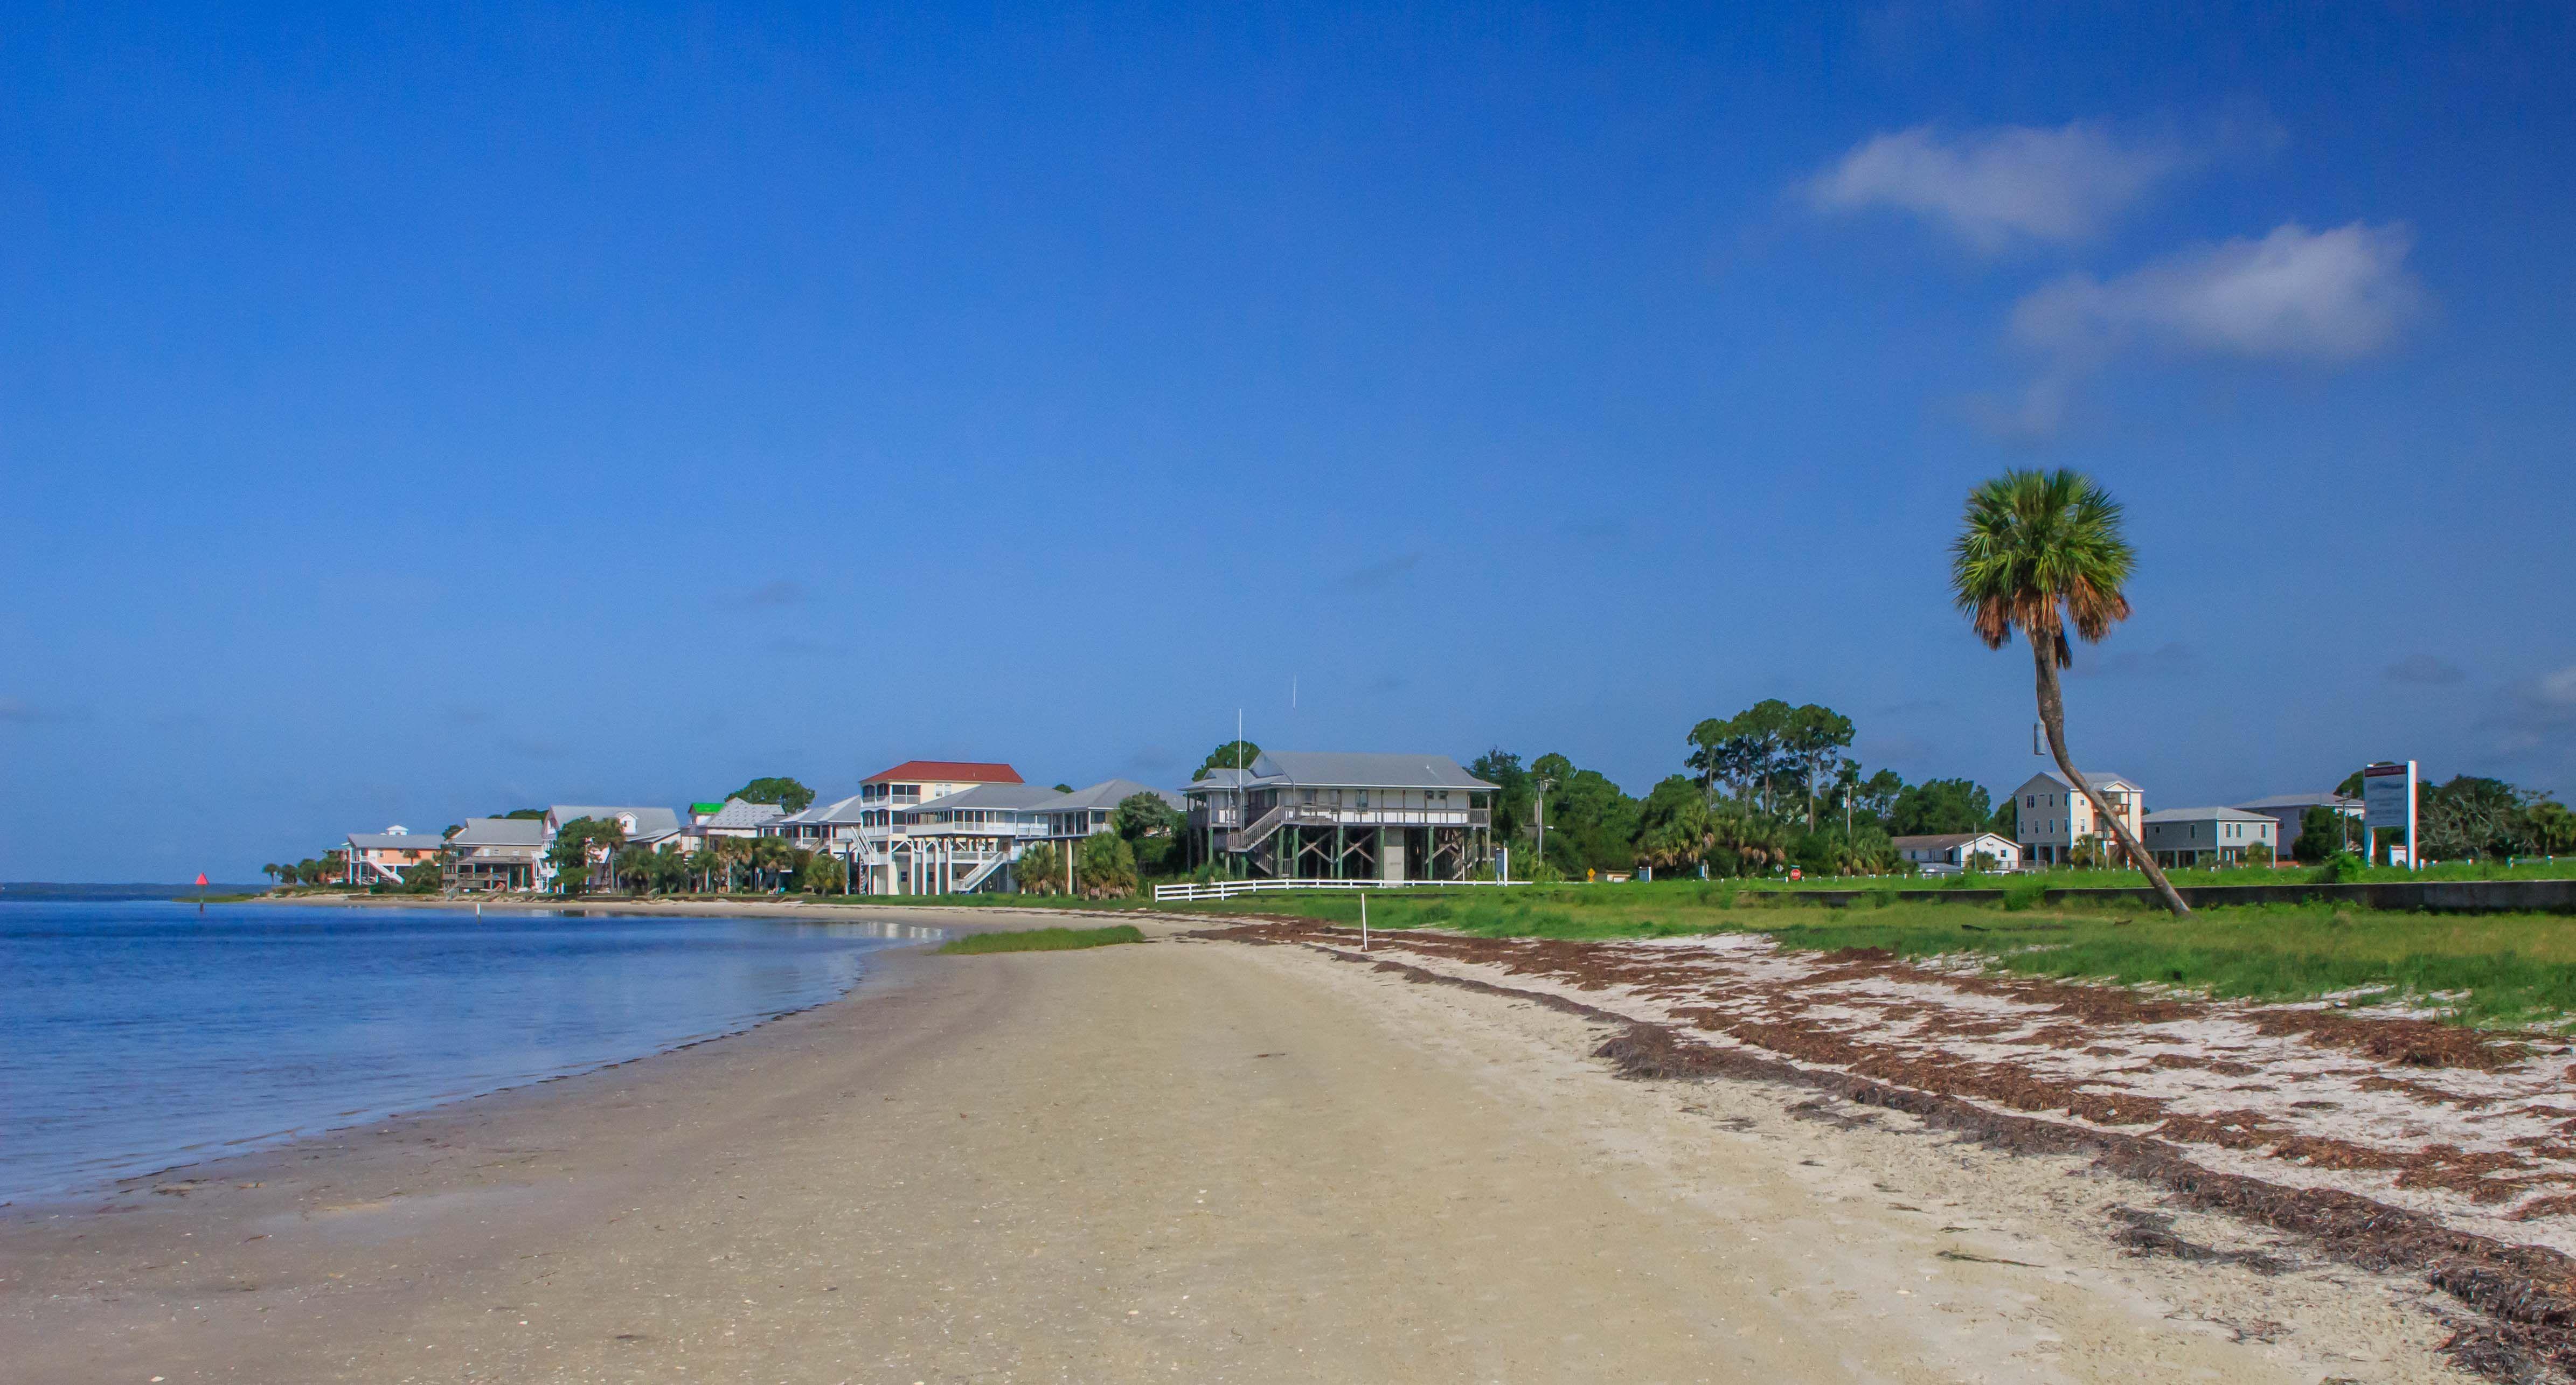 Shell Point Beach